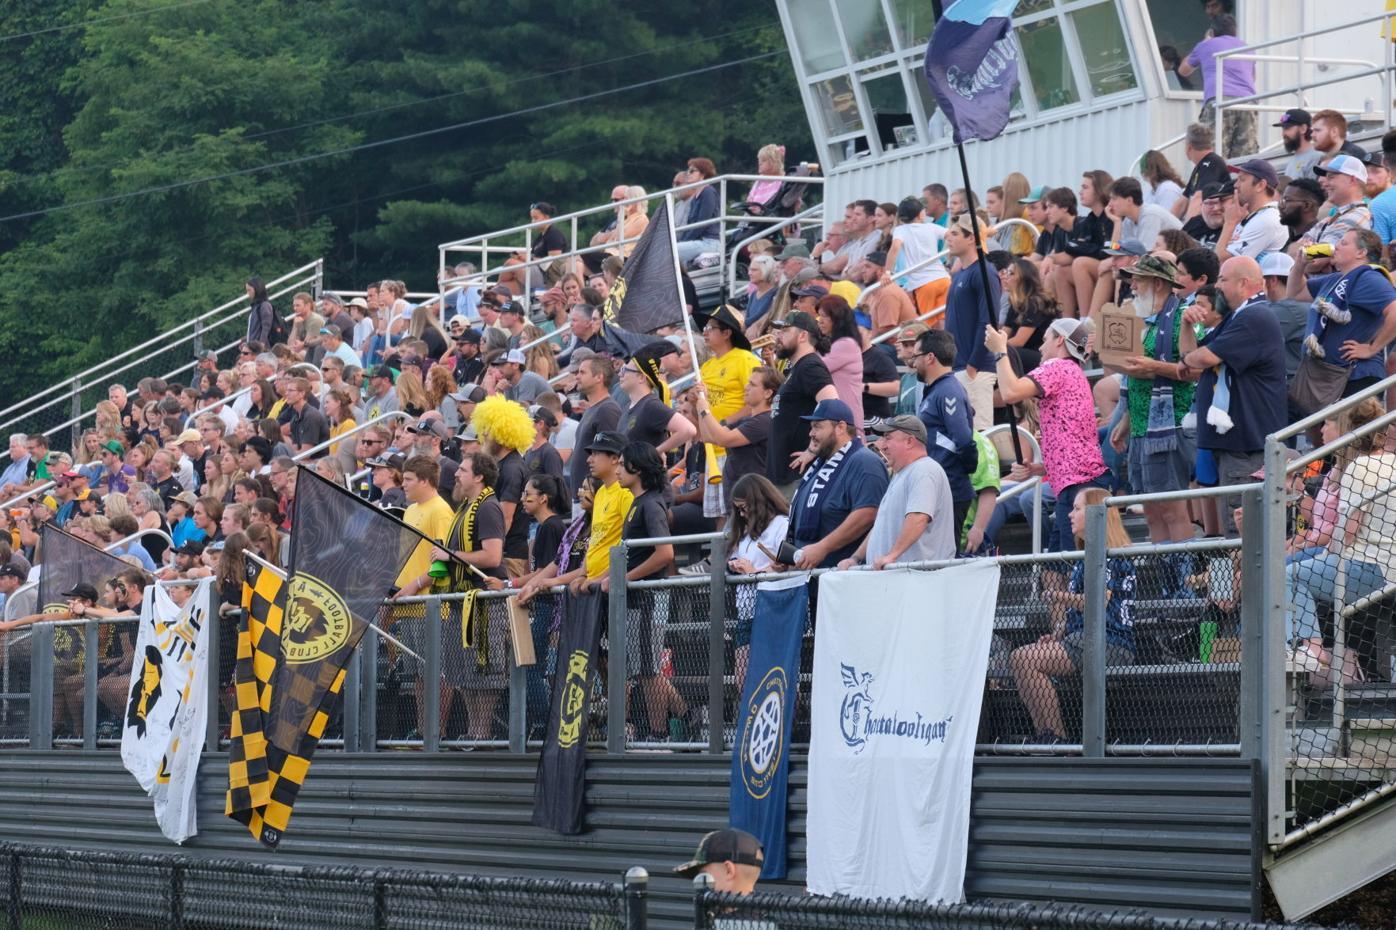 AFC v. CFC crowd